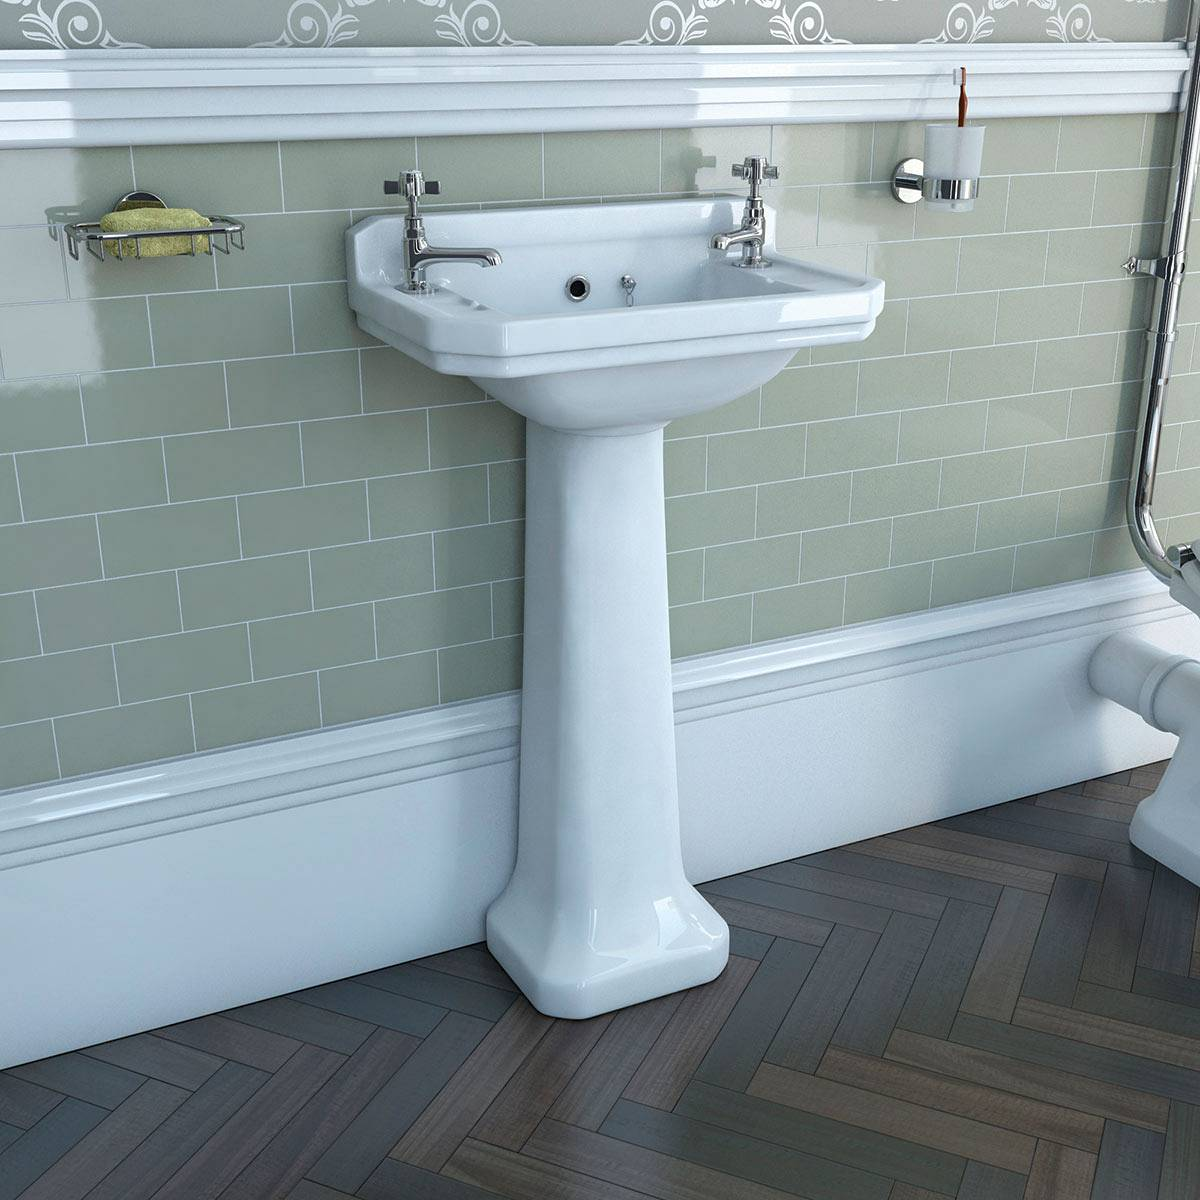 Camberley 2TH Cloakroom Basin & Pedestal VictoriaPlum.com